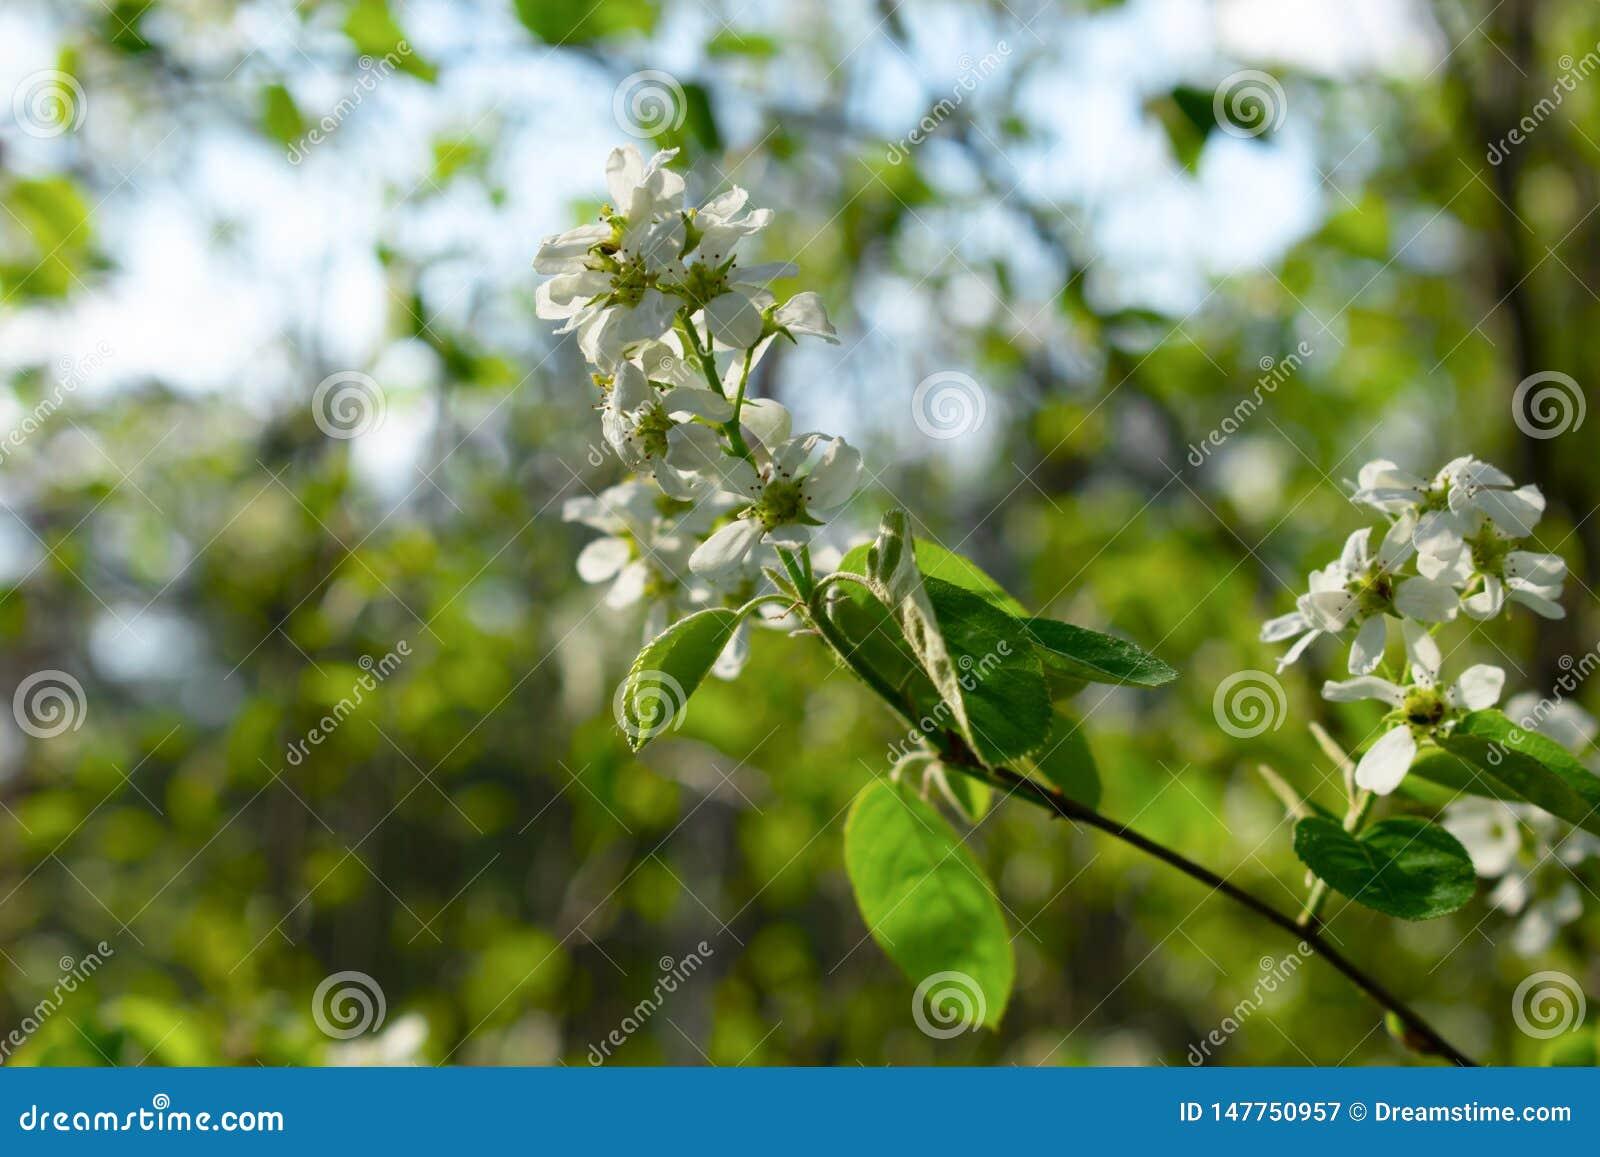 De bloeiende close-up van de boomtak met vage achtergrond